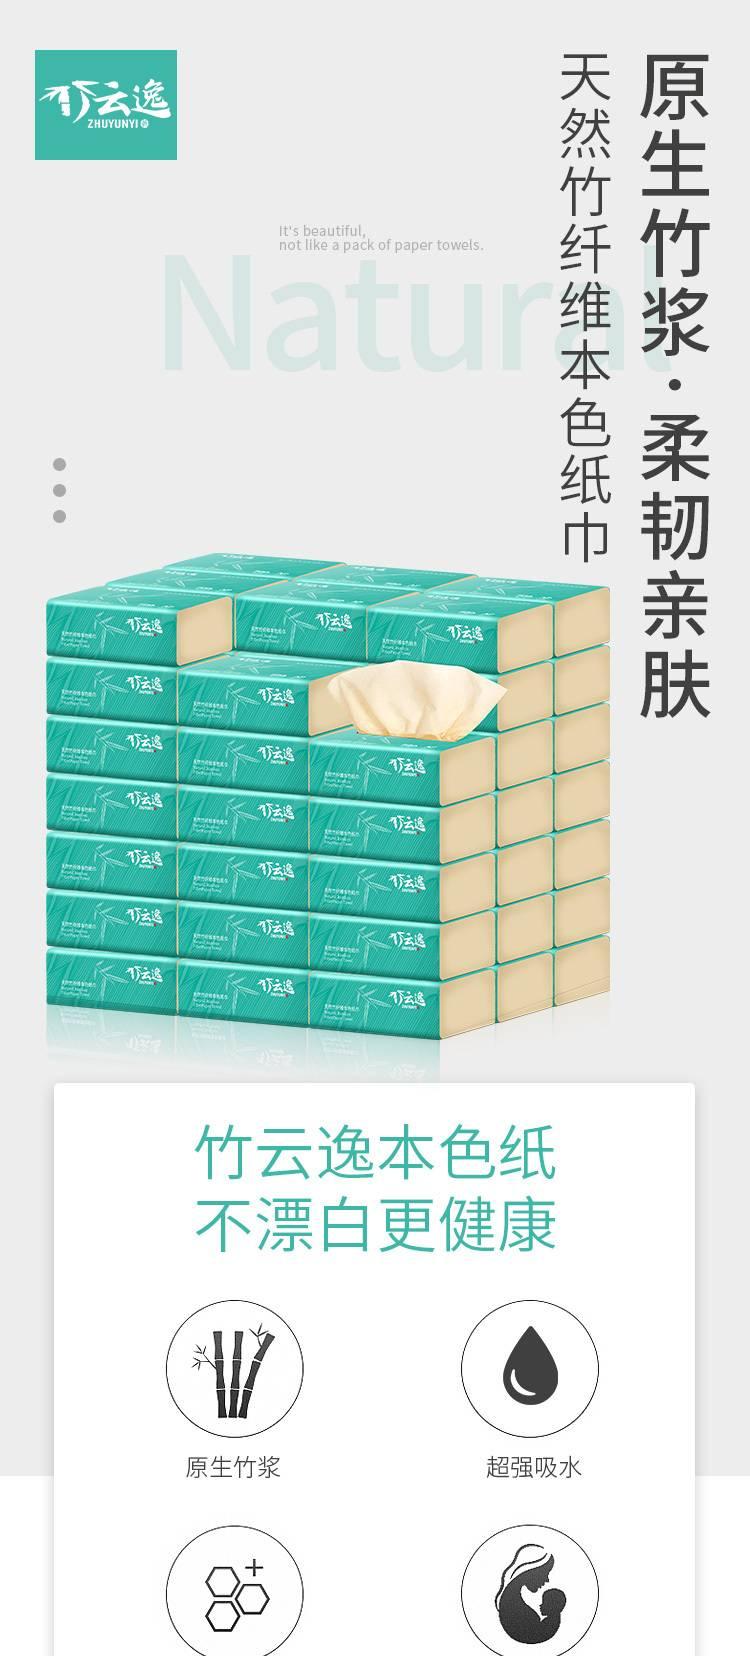 【包邮】29.9元抢竹云逸纤维抽纸(32包),平均1包9毛钱,限量限量先到先得!